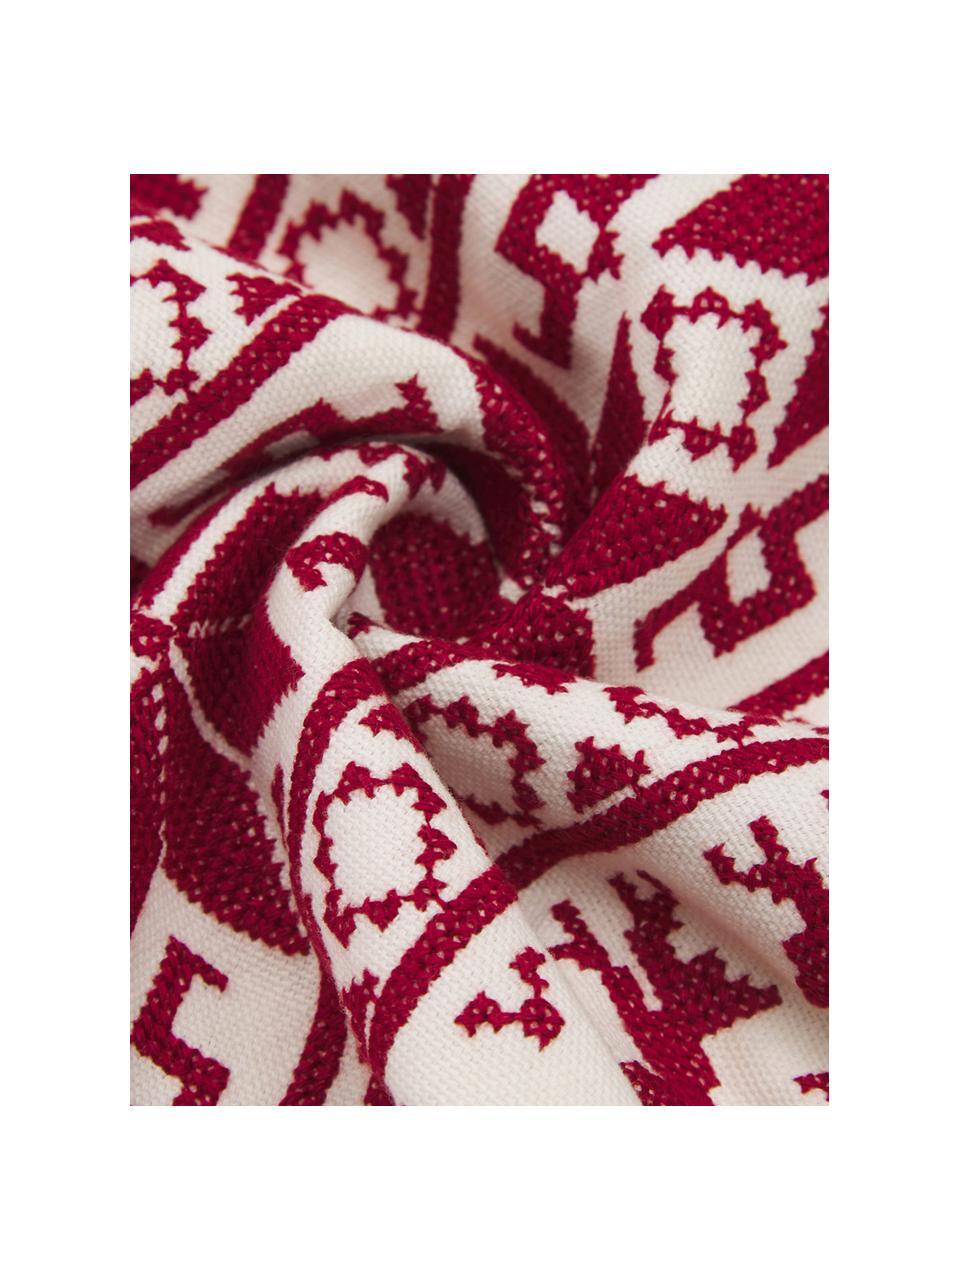 Housse de coussin brodée à motif norvégien Orkney, Rouge, blanc crème